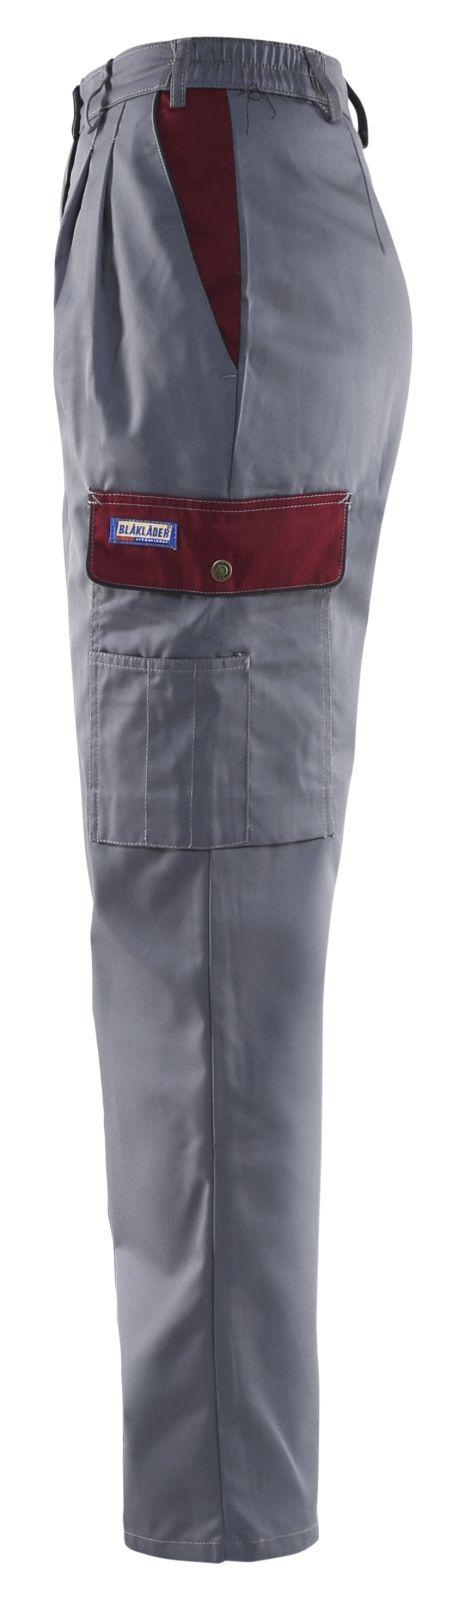 Blaklader Dames werkbroeken 71051800 grijs-bordeauxrood(9457)